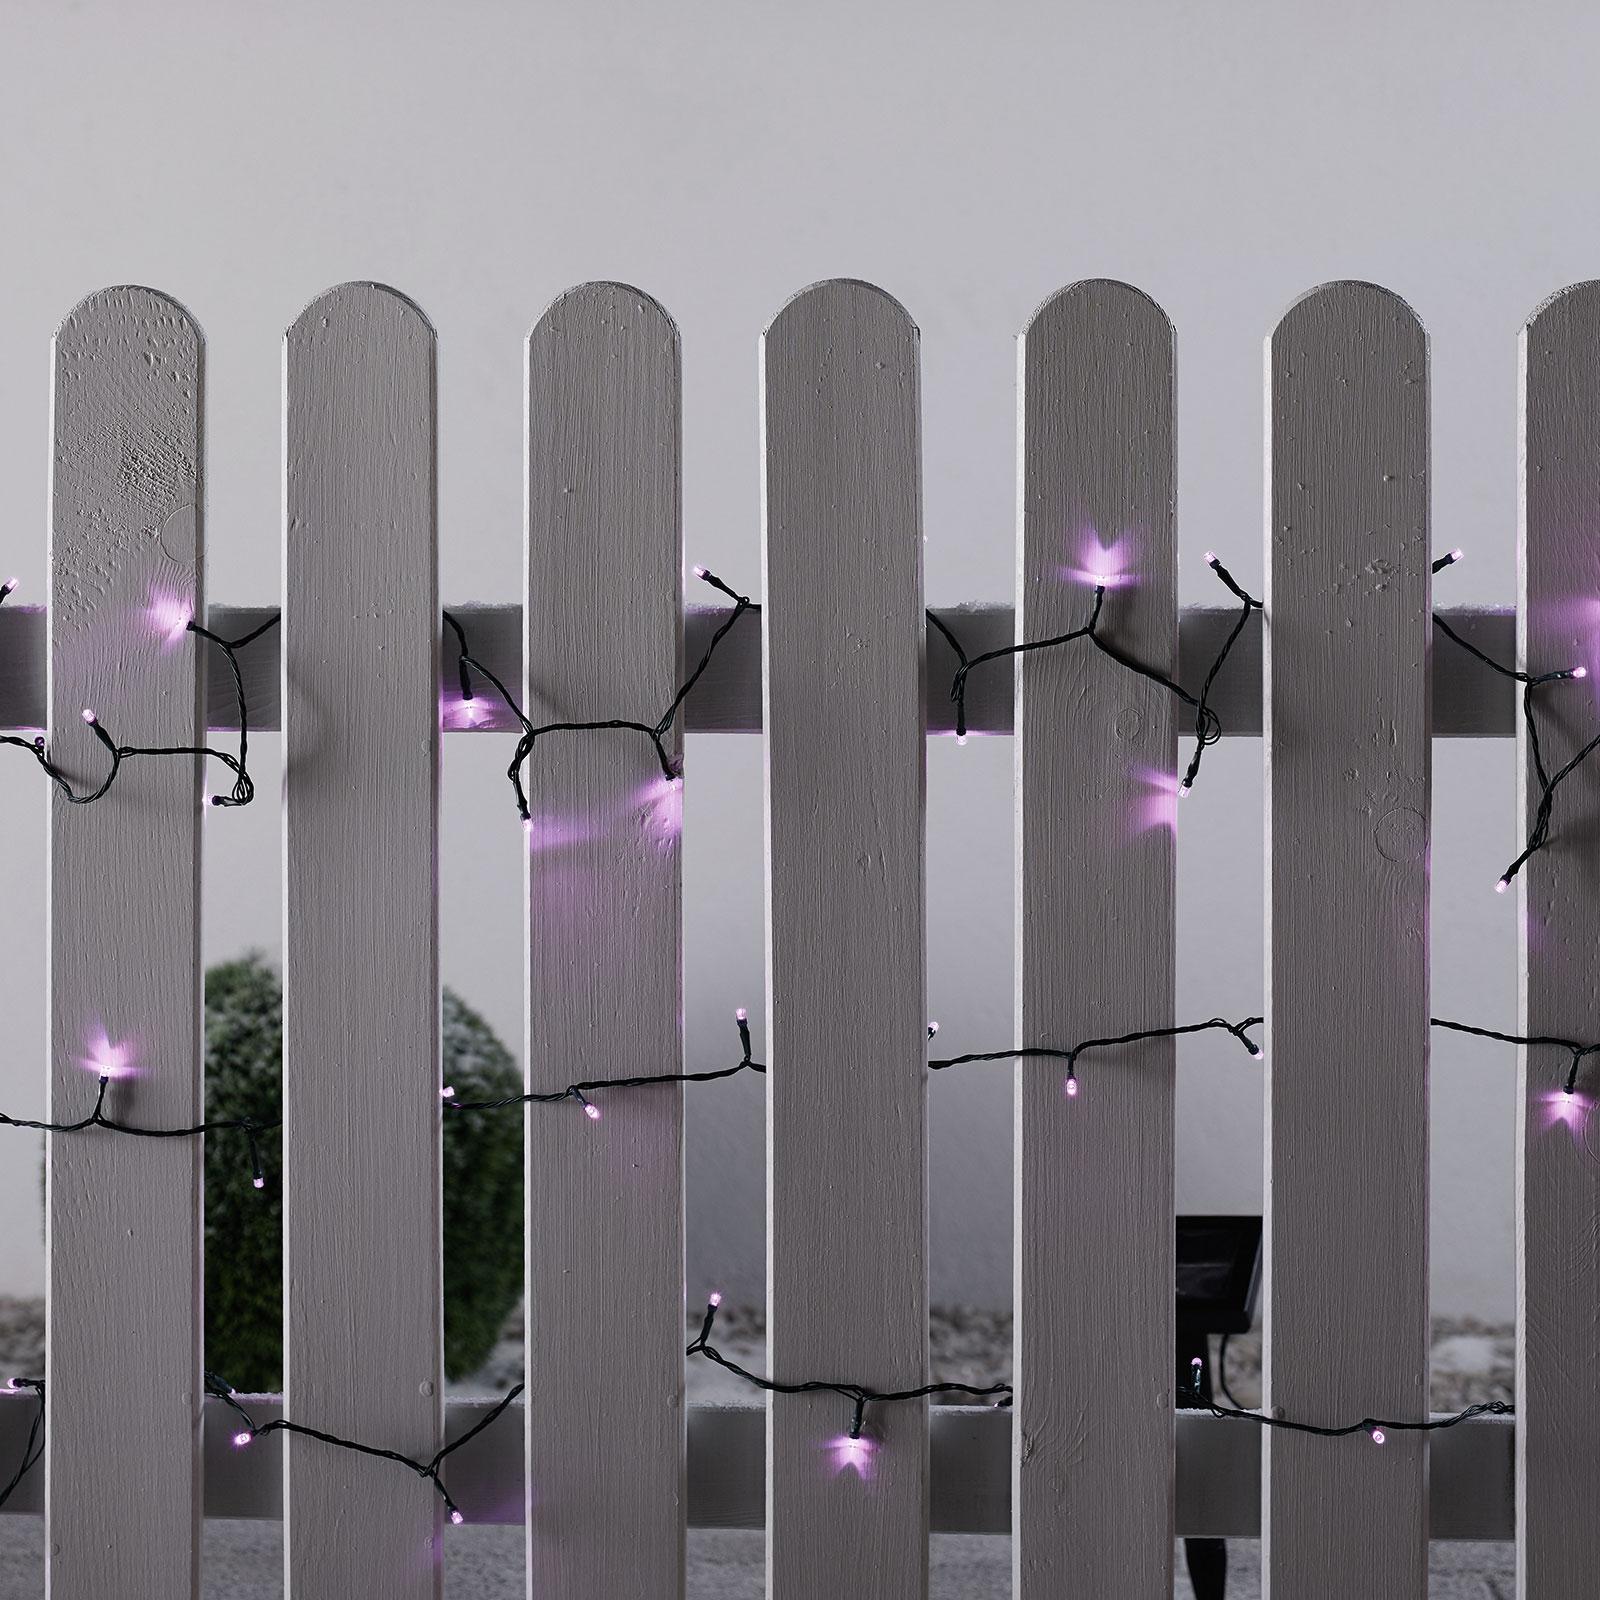 Ghirlanda luci LED a energia solare rosa